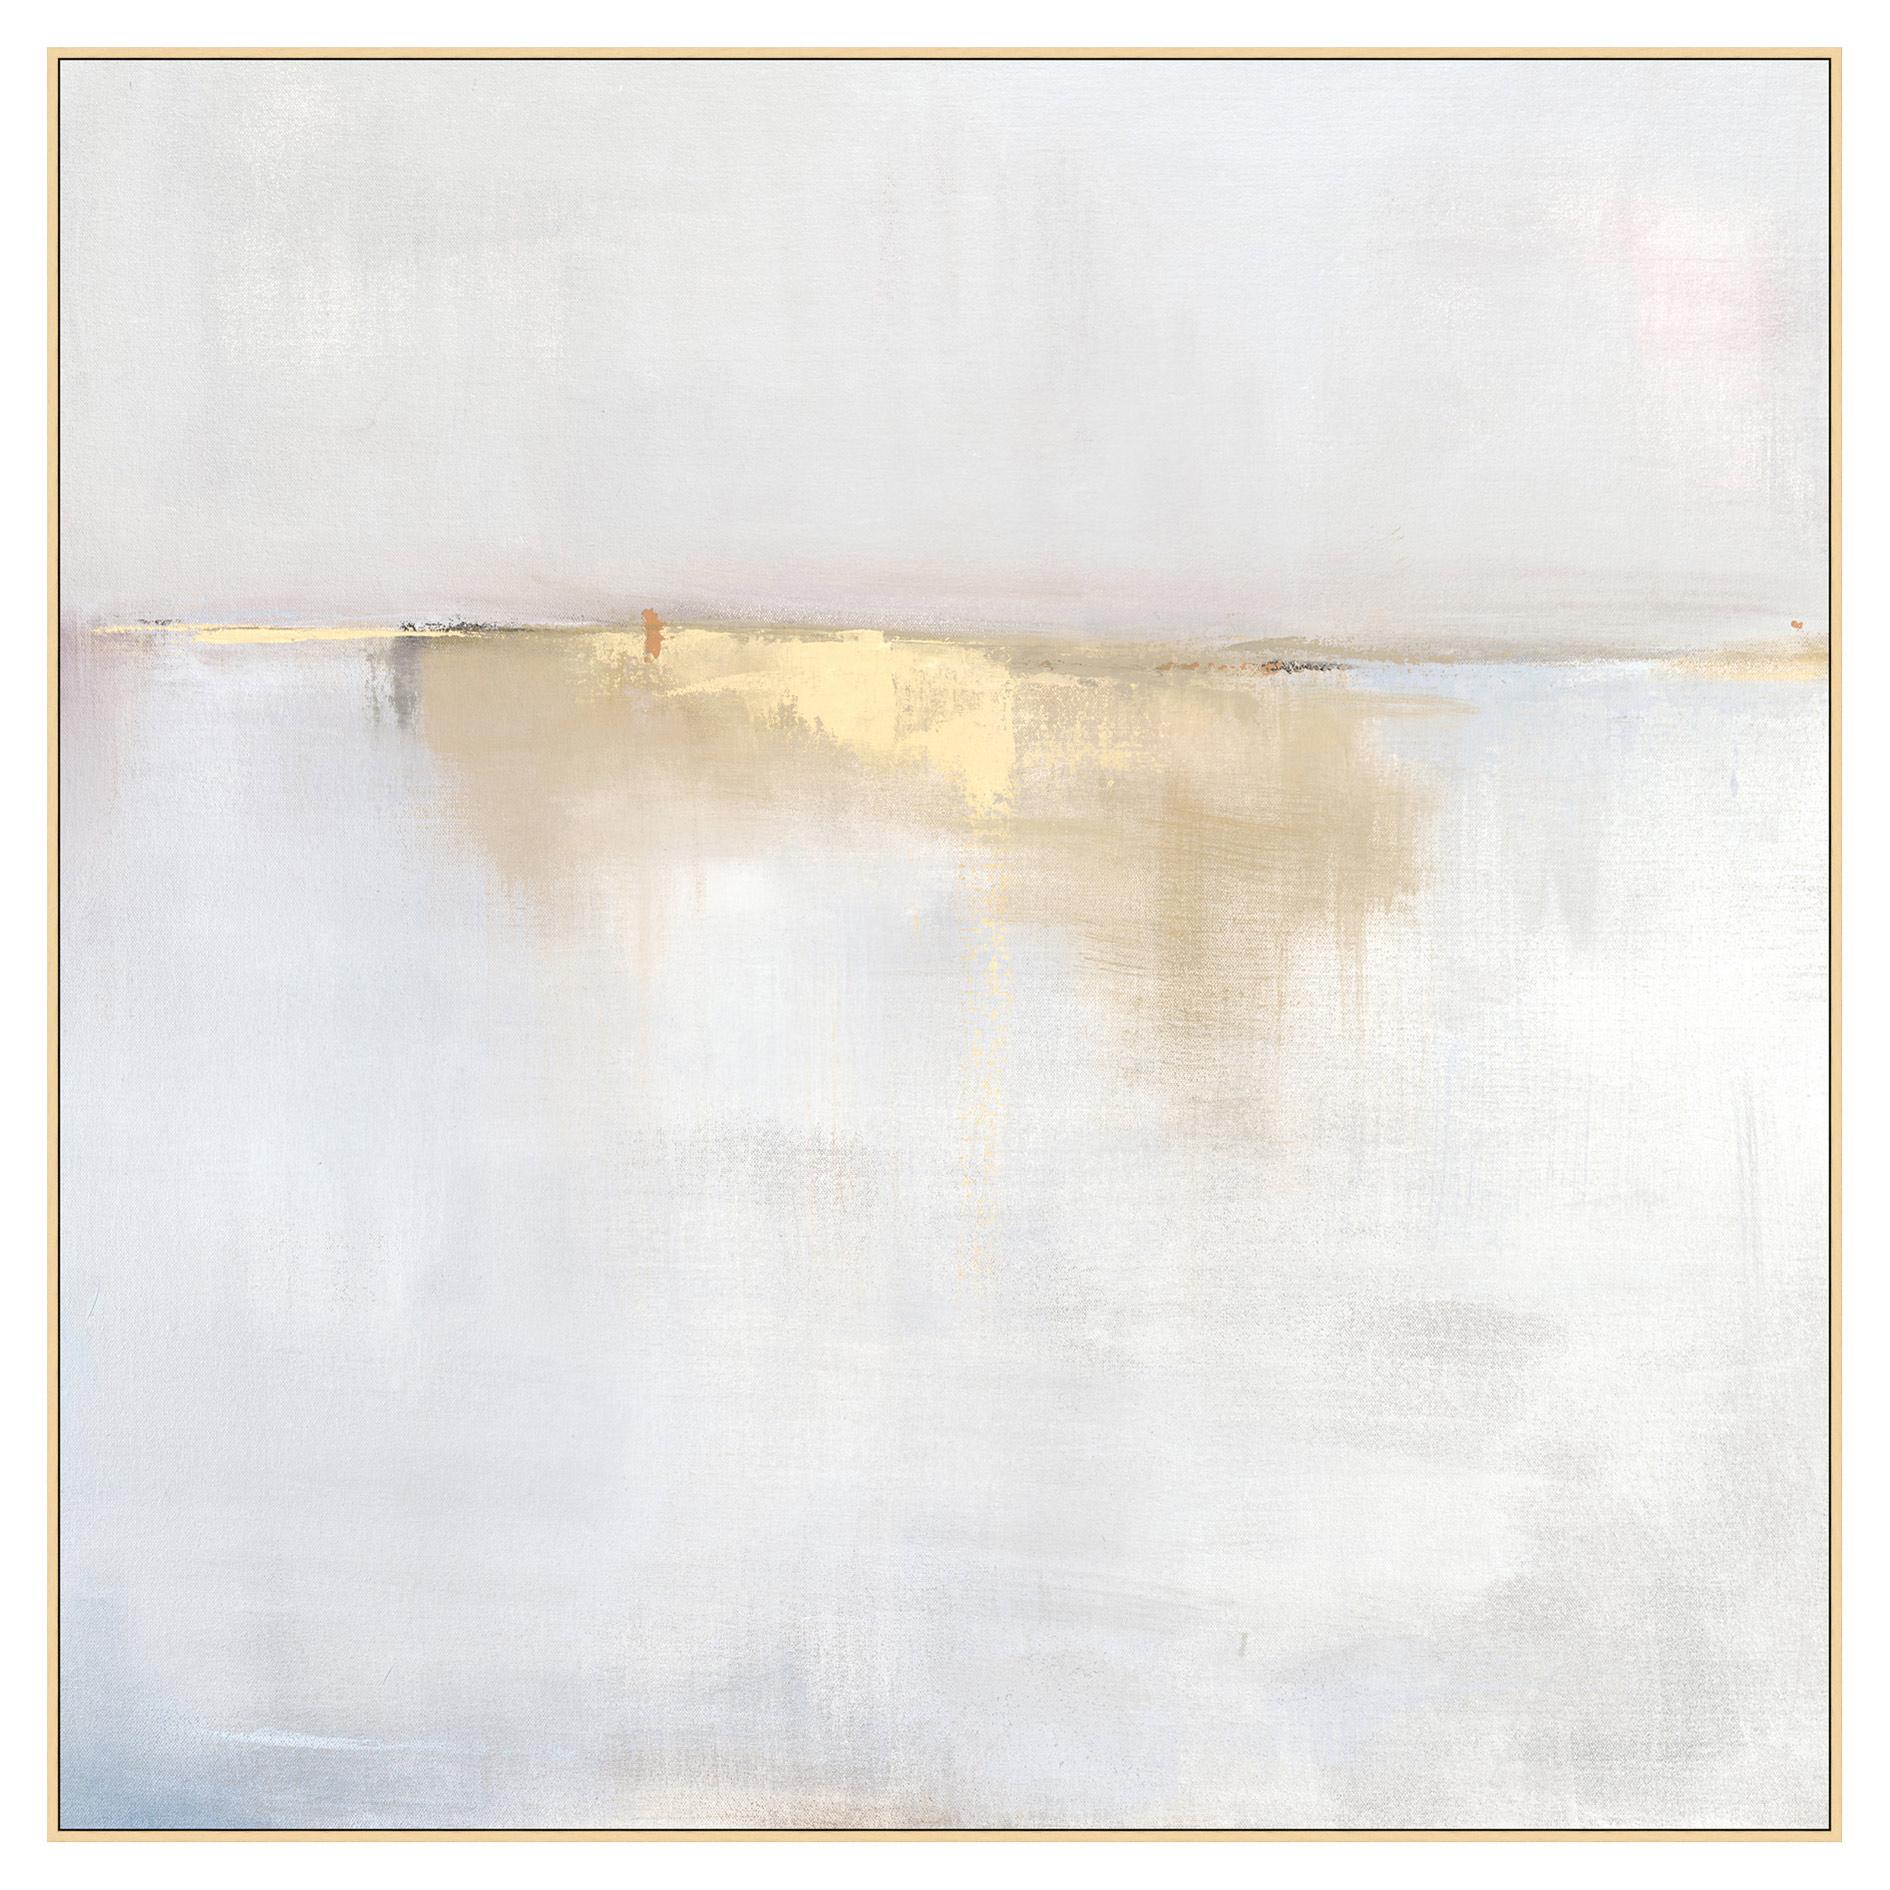 Fog Mist Sea Grey Abstract Canvas - II